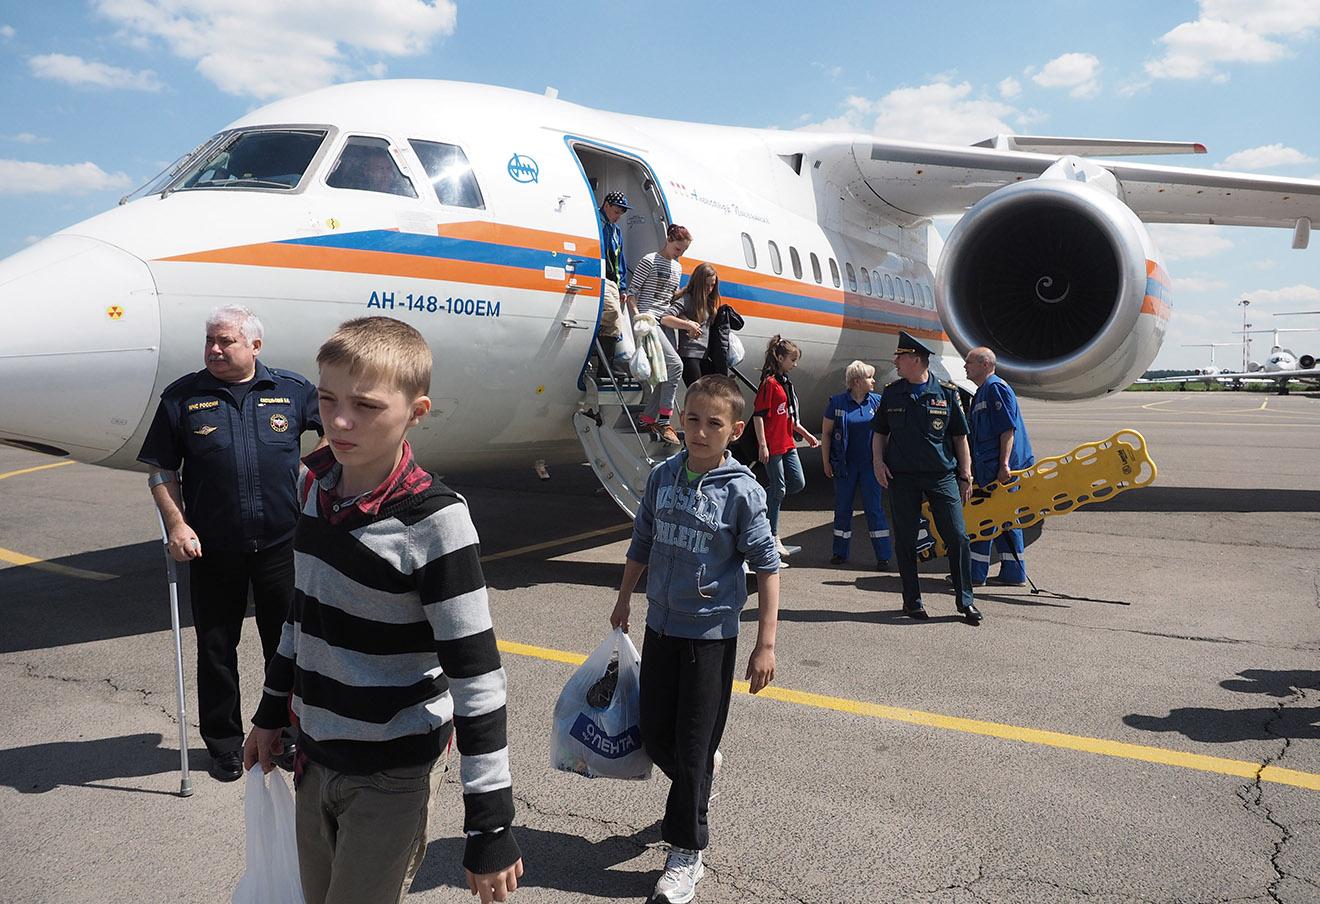 Дети, спасенные на озере Сямозеро в Карелии, у самолета Ан-148 МЧС России в аэропорту Внуково-3.